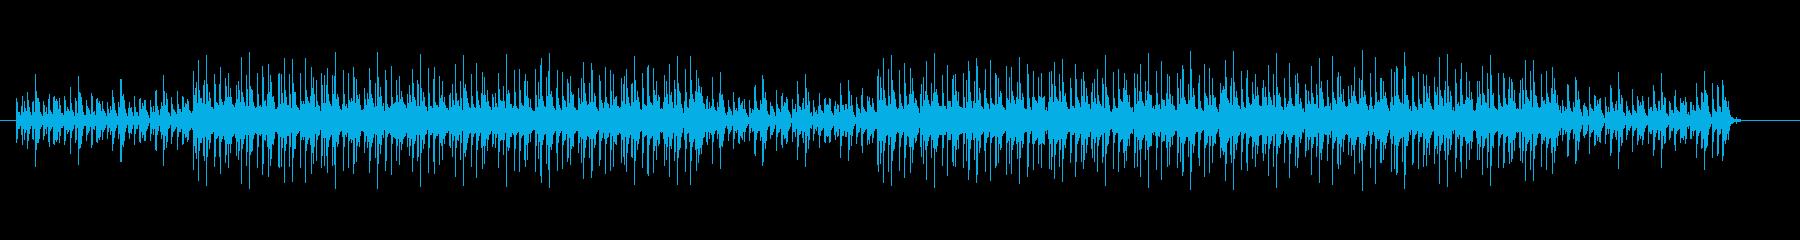 ワールド・ミュージック系の再生済みの波形